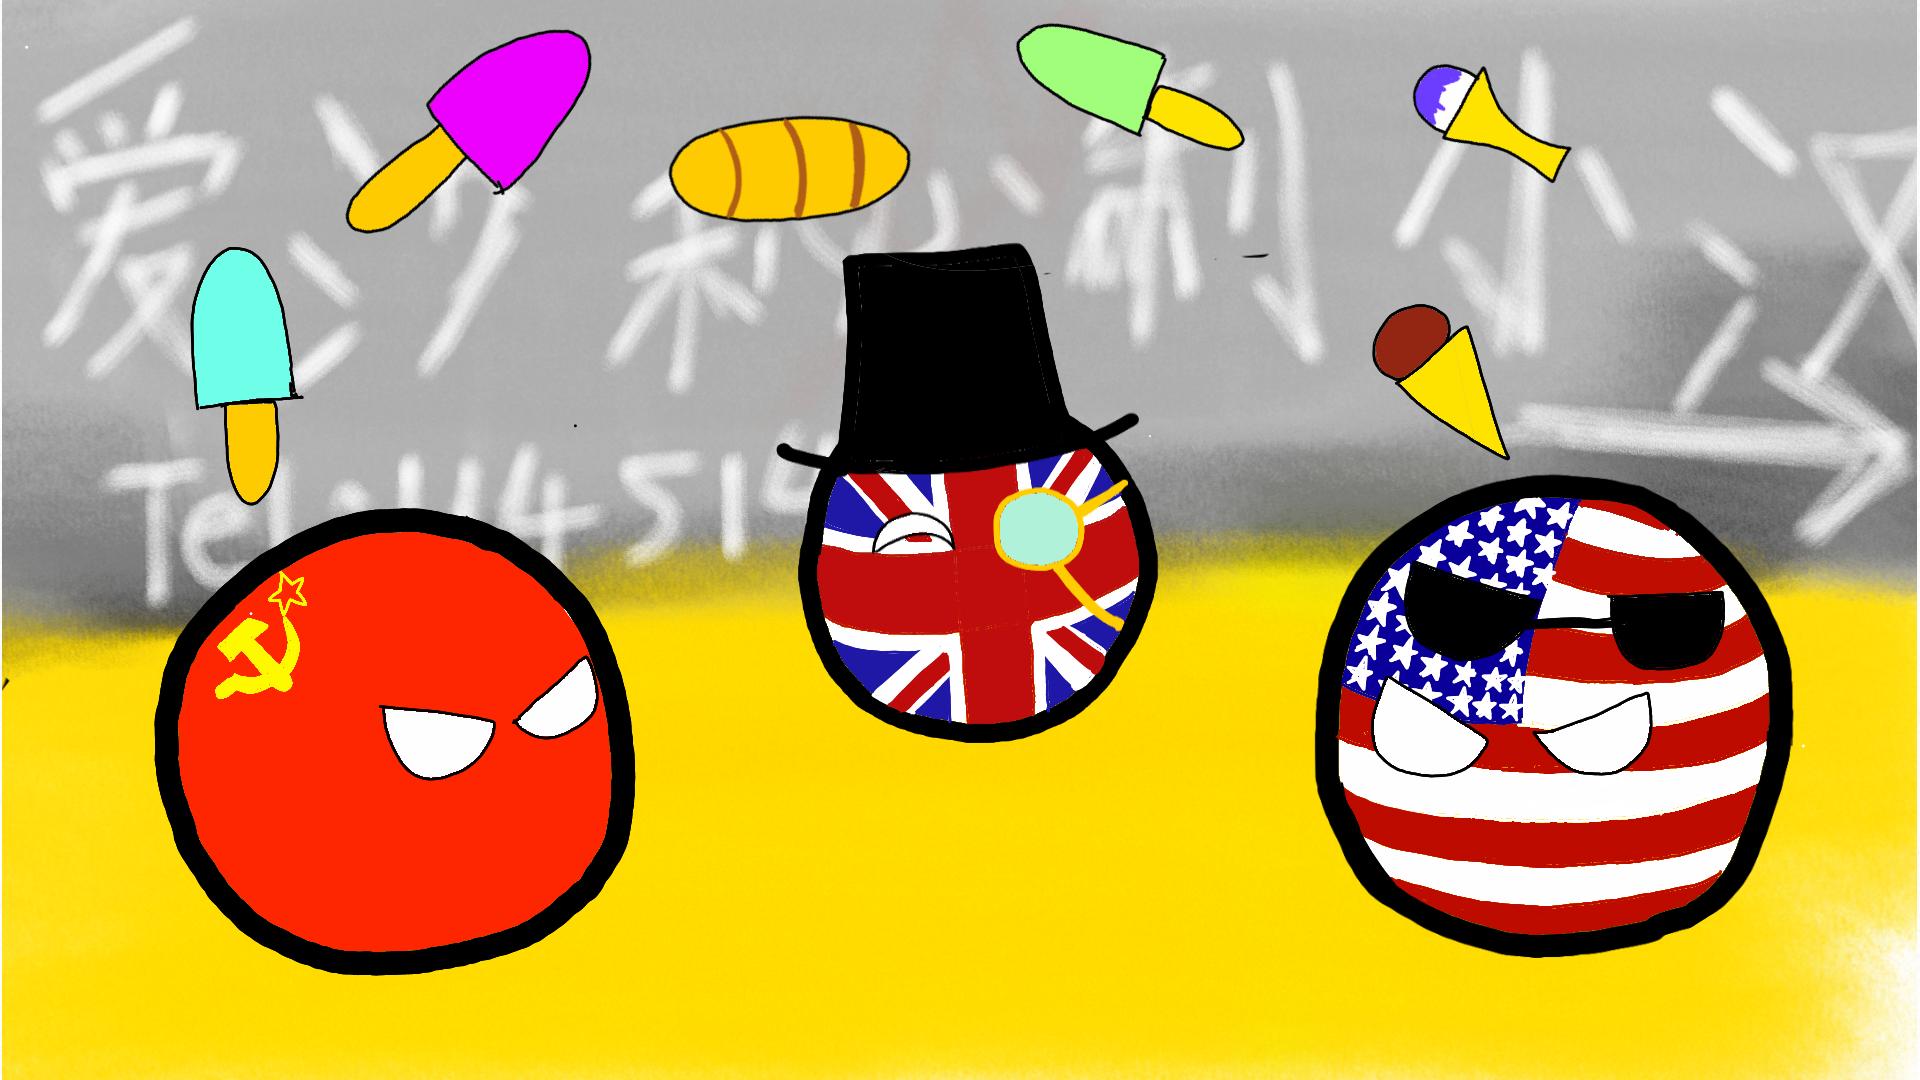 [波兰球]冷战内幕